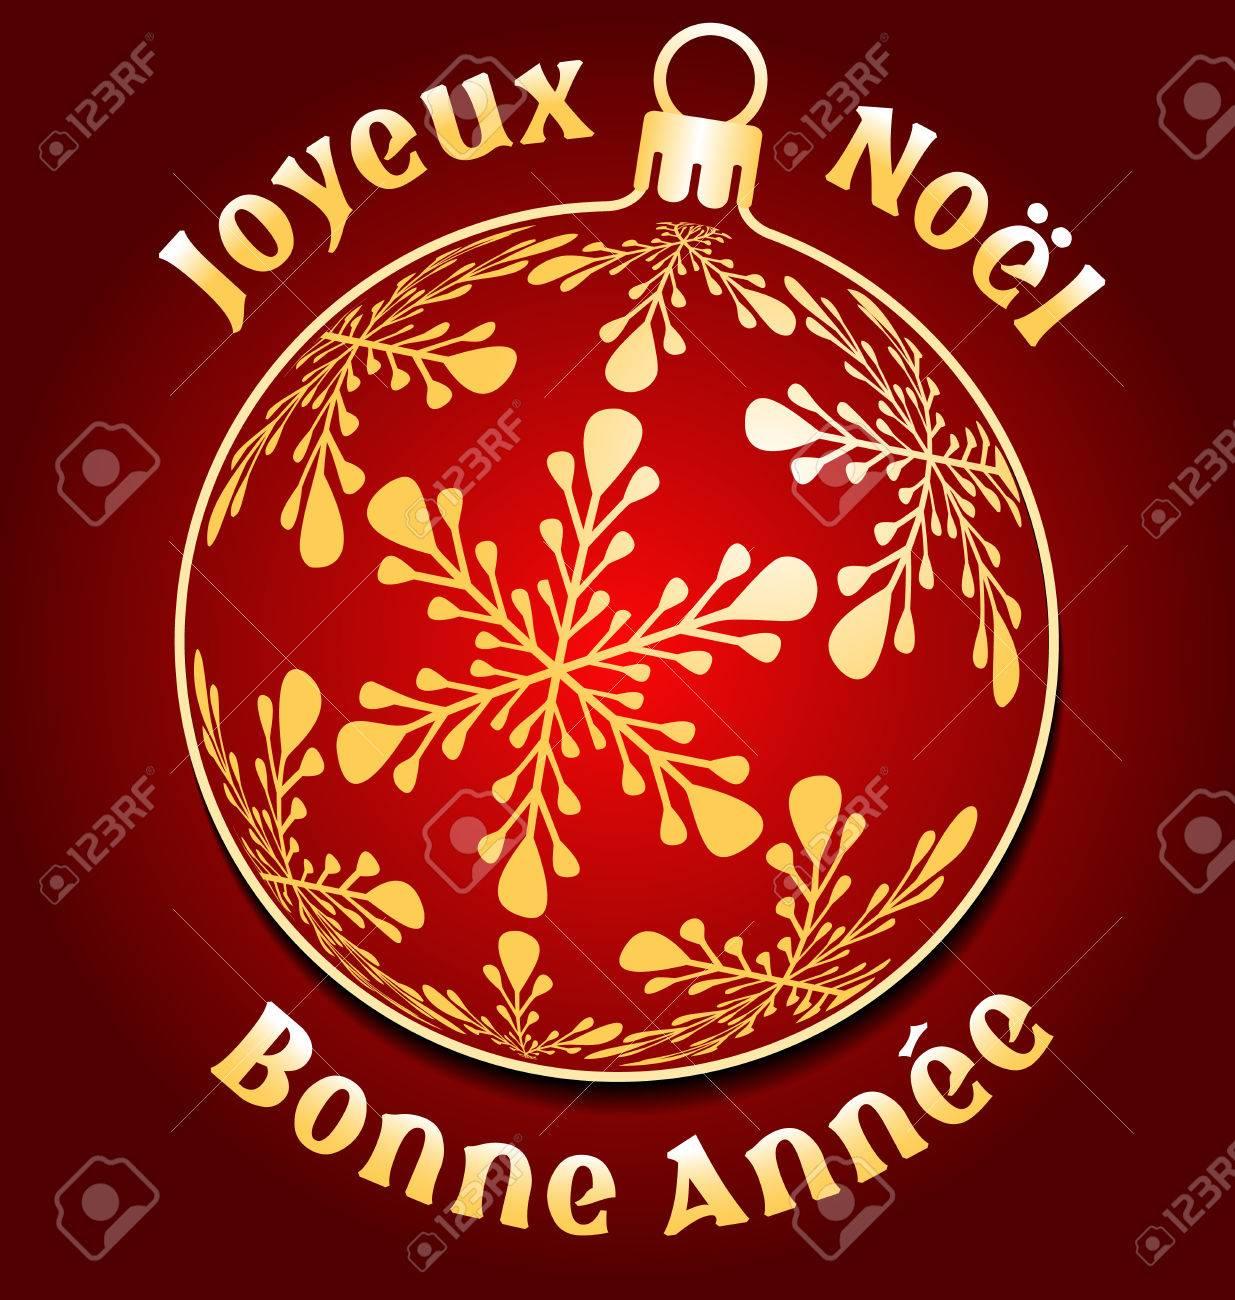 Auguri Di Buon Natale E Felice Anno Nuovo In Francese.Cartoline Di Buon Natale In Francese Disegni Di Natale 2019